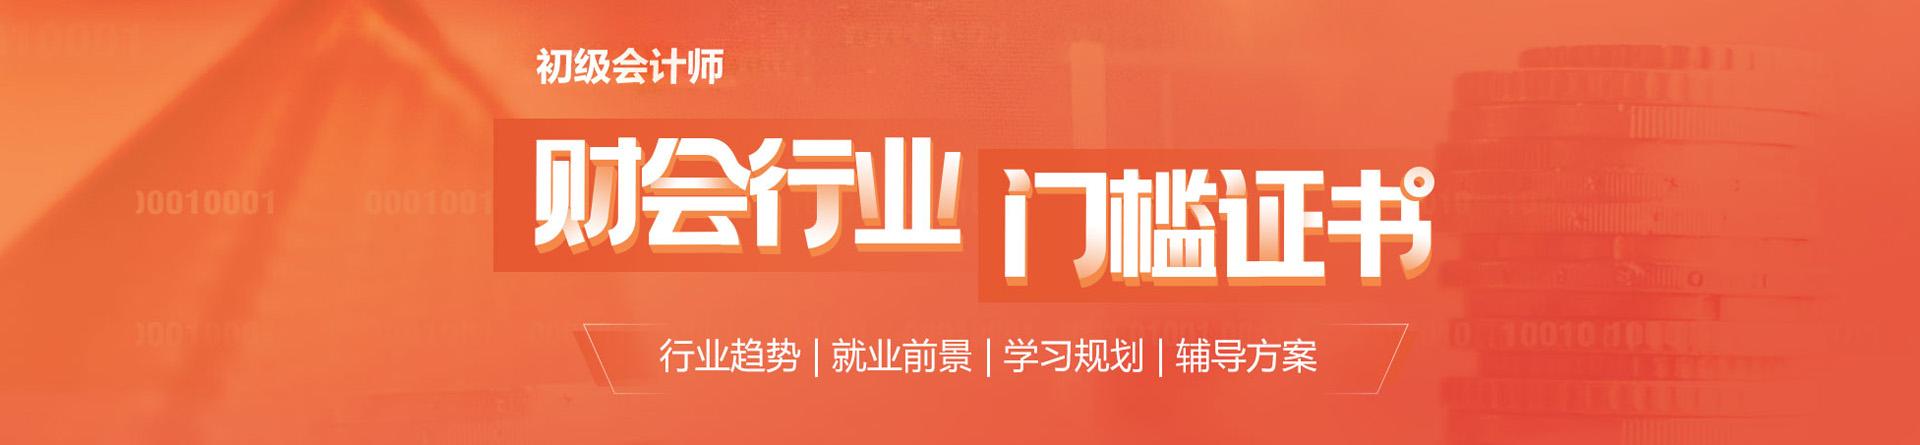 黑龙江省佳木斯优路初级会计师培训